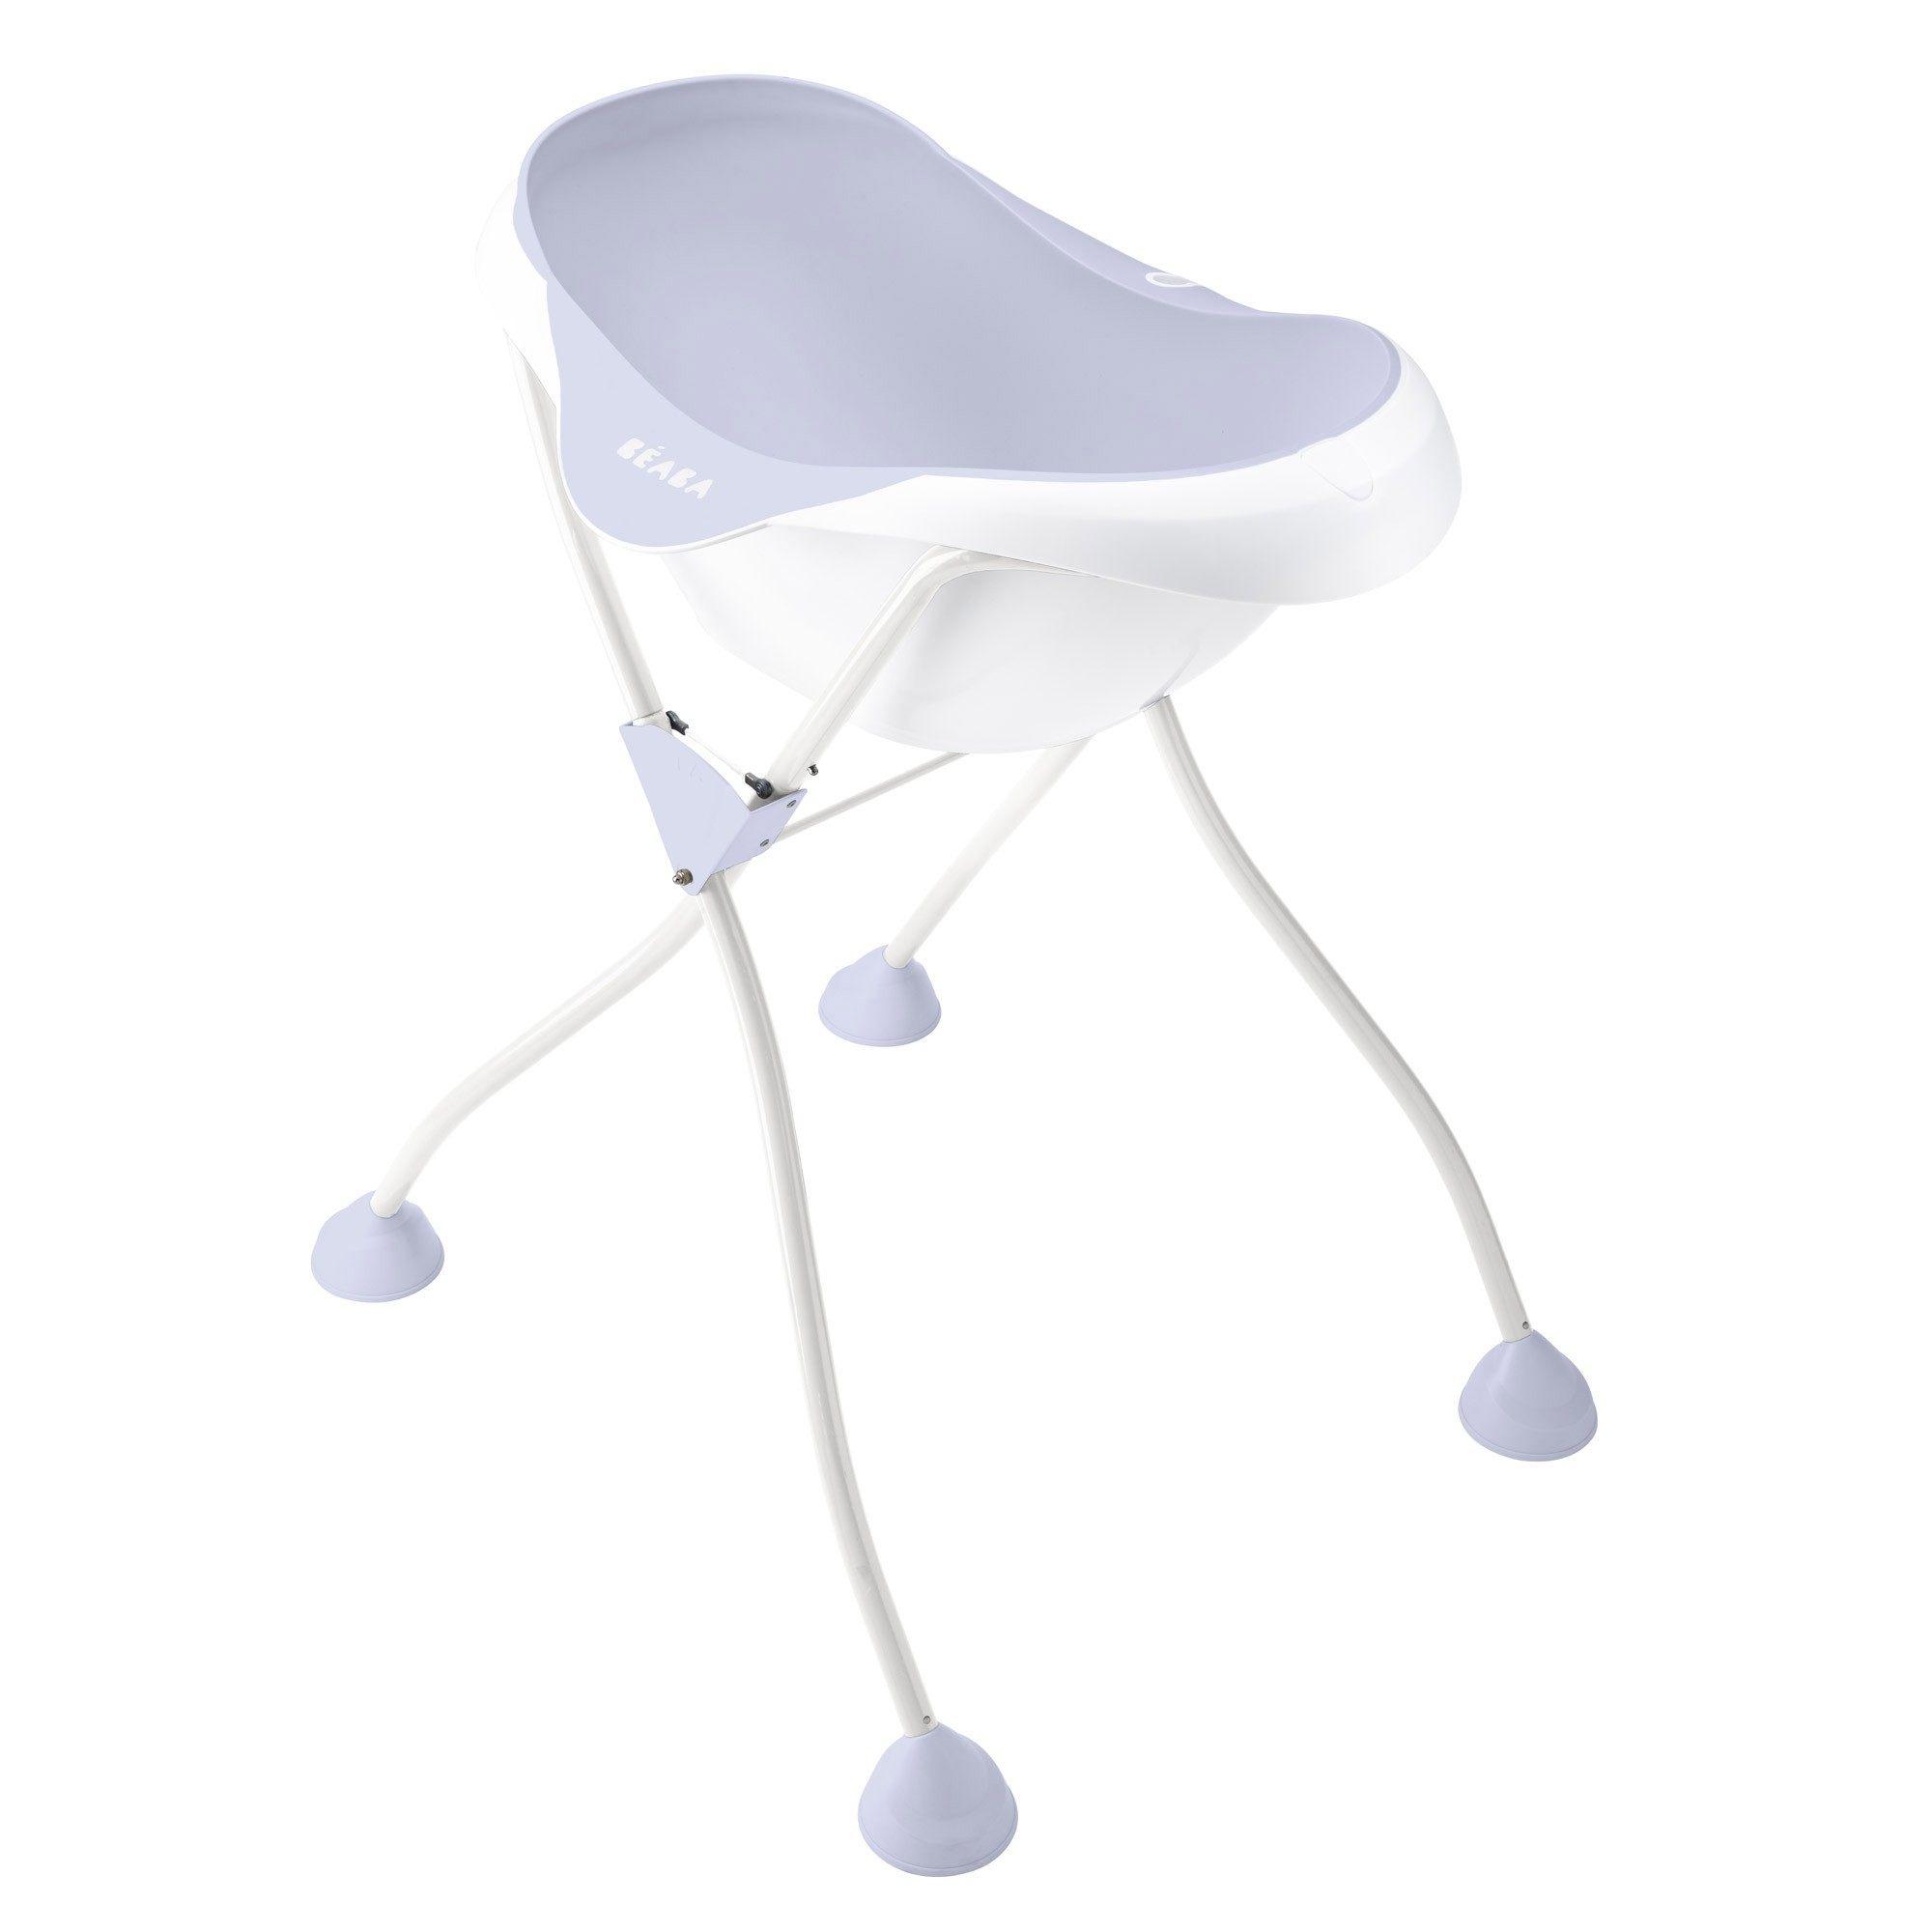 Lit Bébé Et Table A Langer Magnifique Baignoire Ronde Bébé Best Table Langer Conforama Ides – Appiar